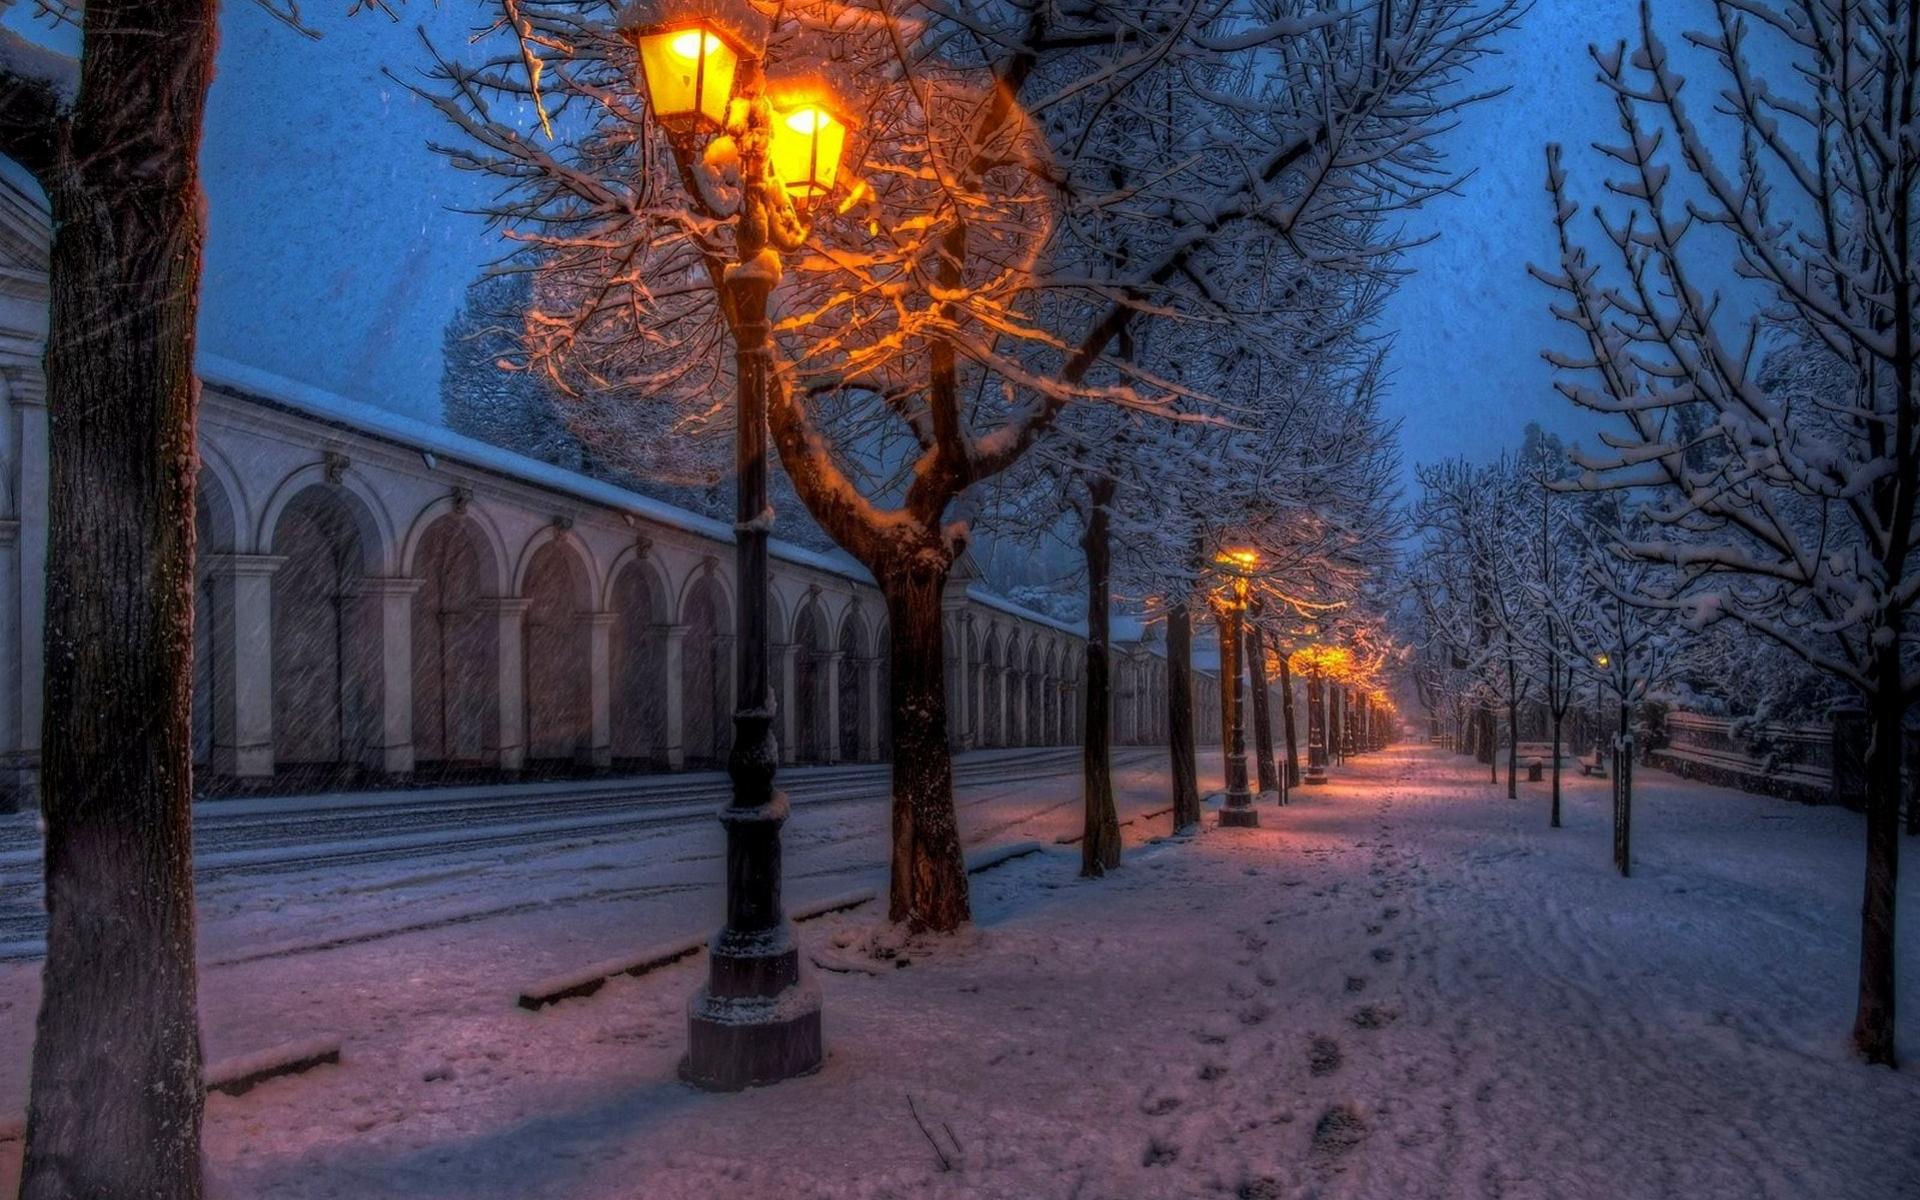 партизан главе фотографии зимних улиц плитка для